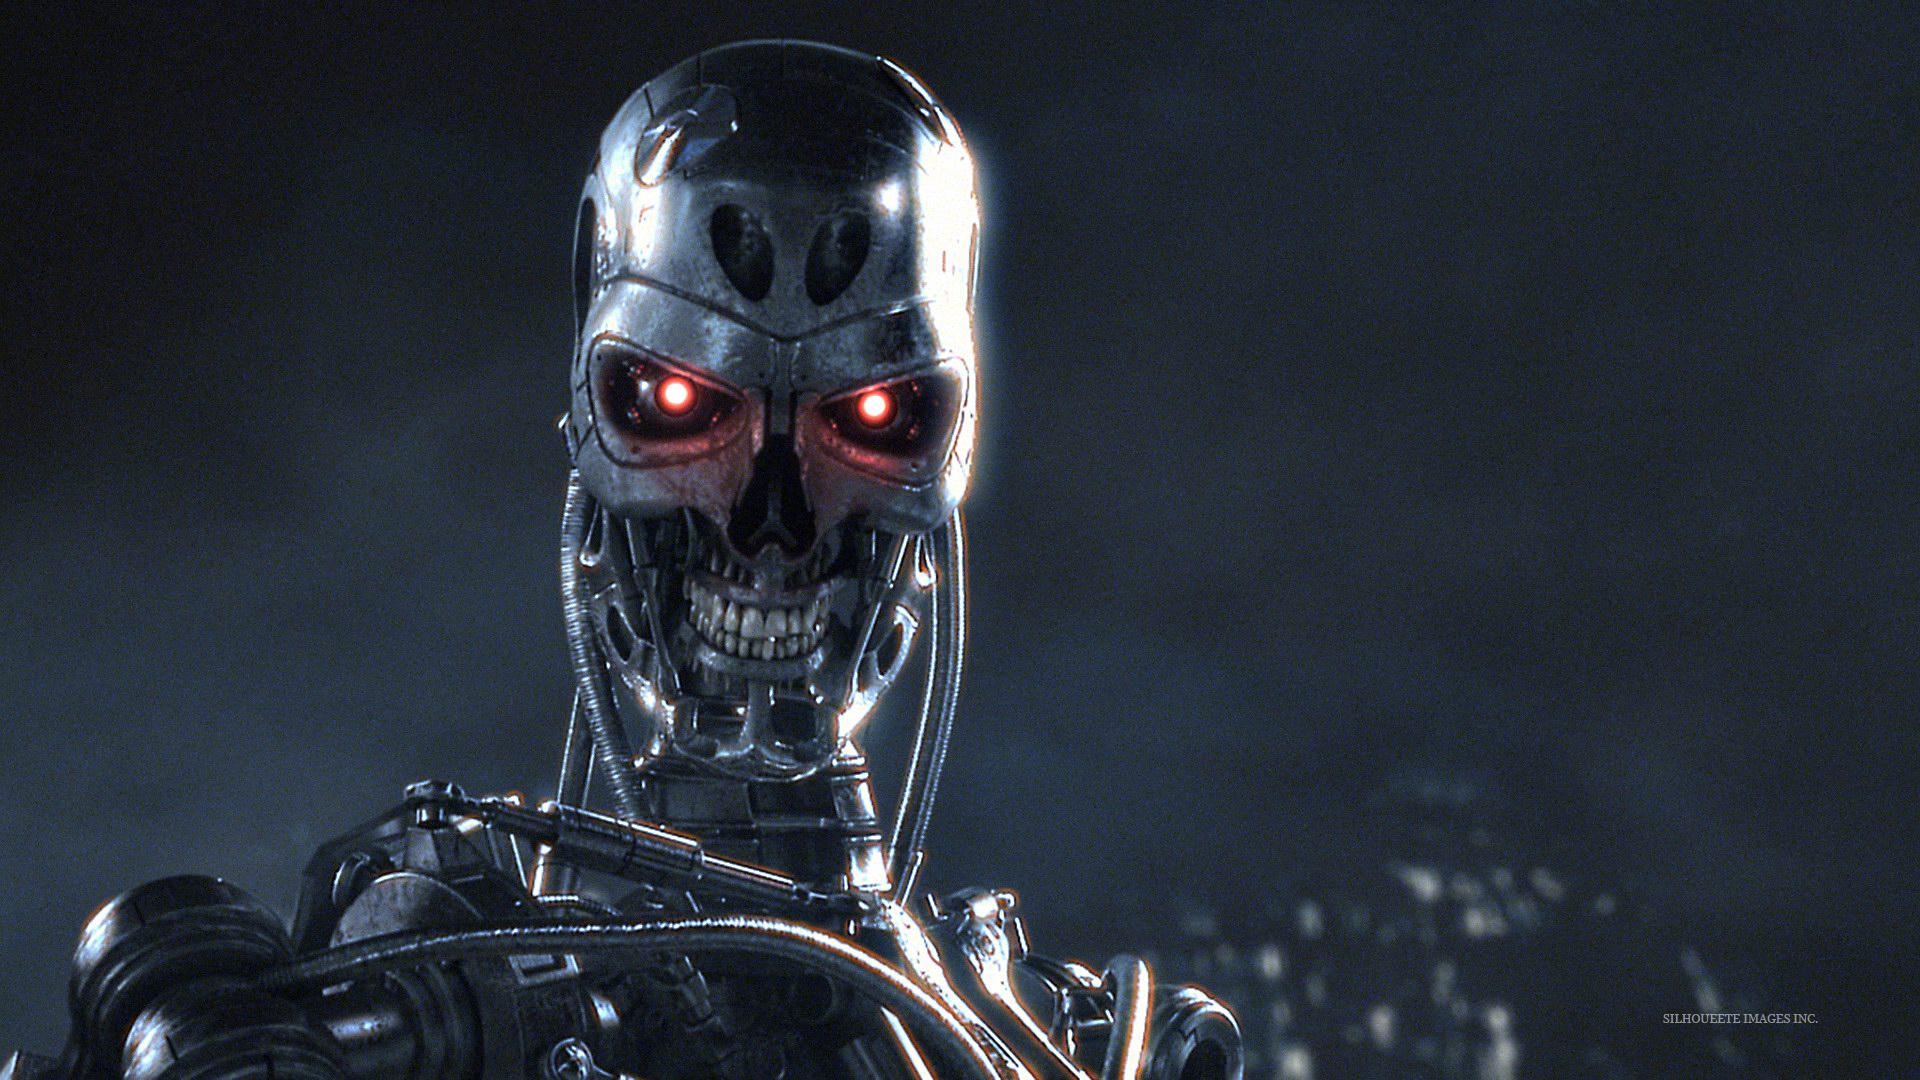 T 800 Terminator Appearances